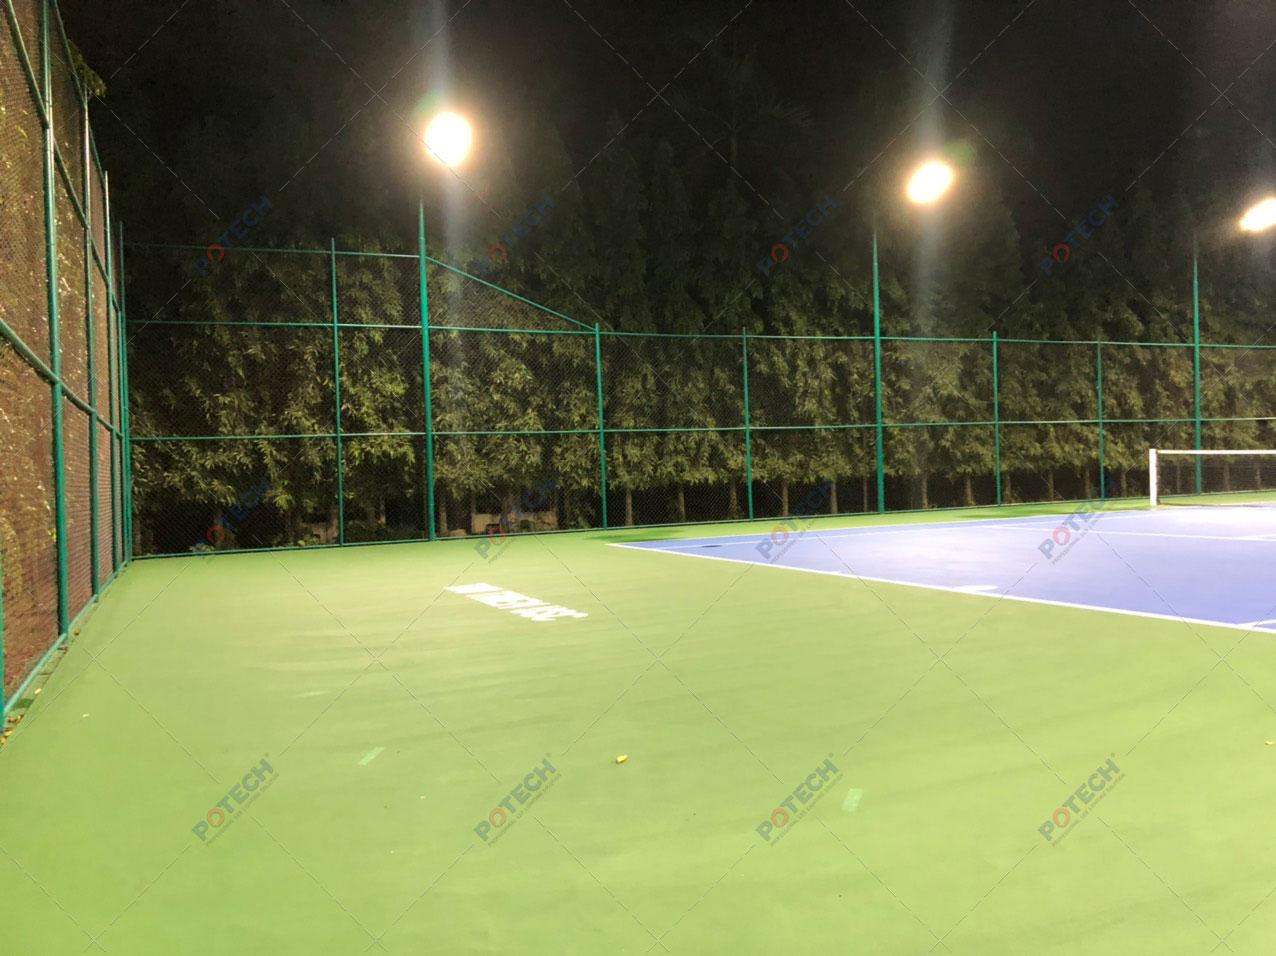 Đèn LED sân tennis thủ thiêm usc